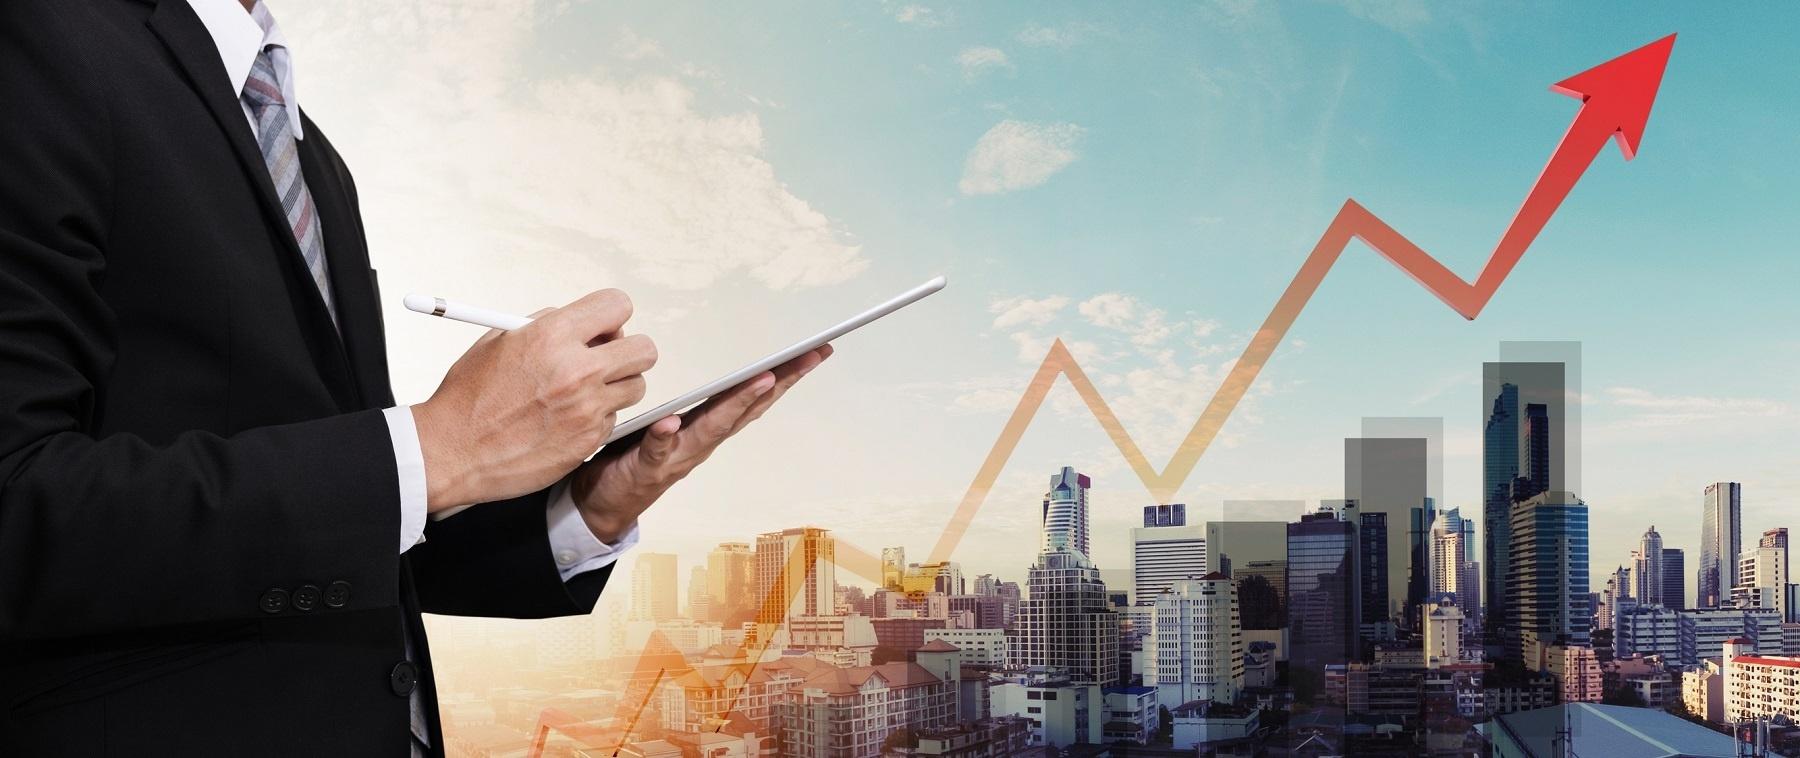 Какие акции покупать чтобы заработать на их росте и дивидендах